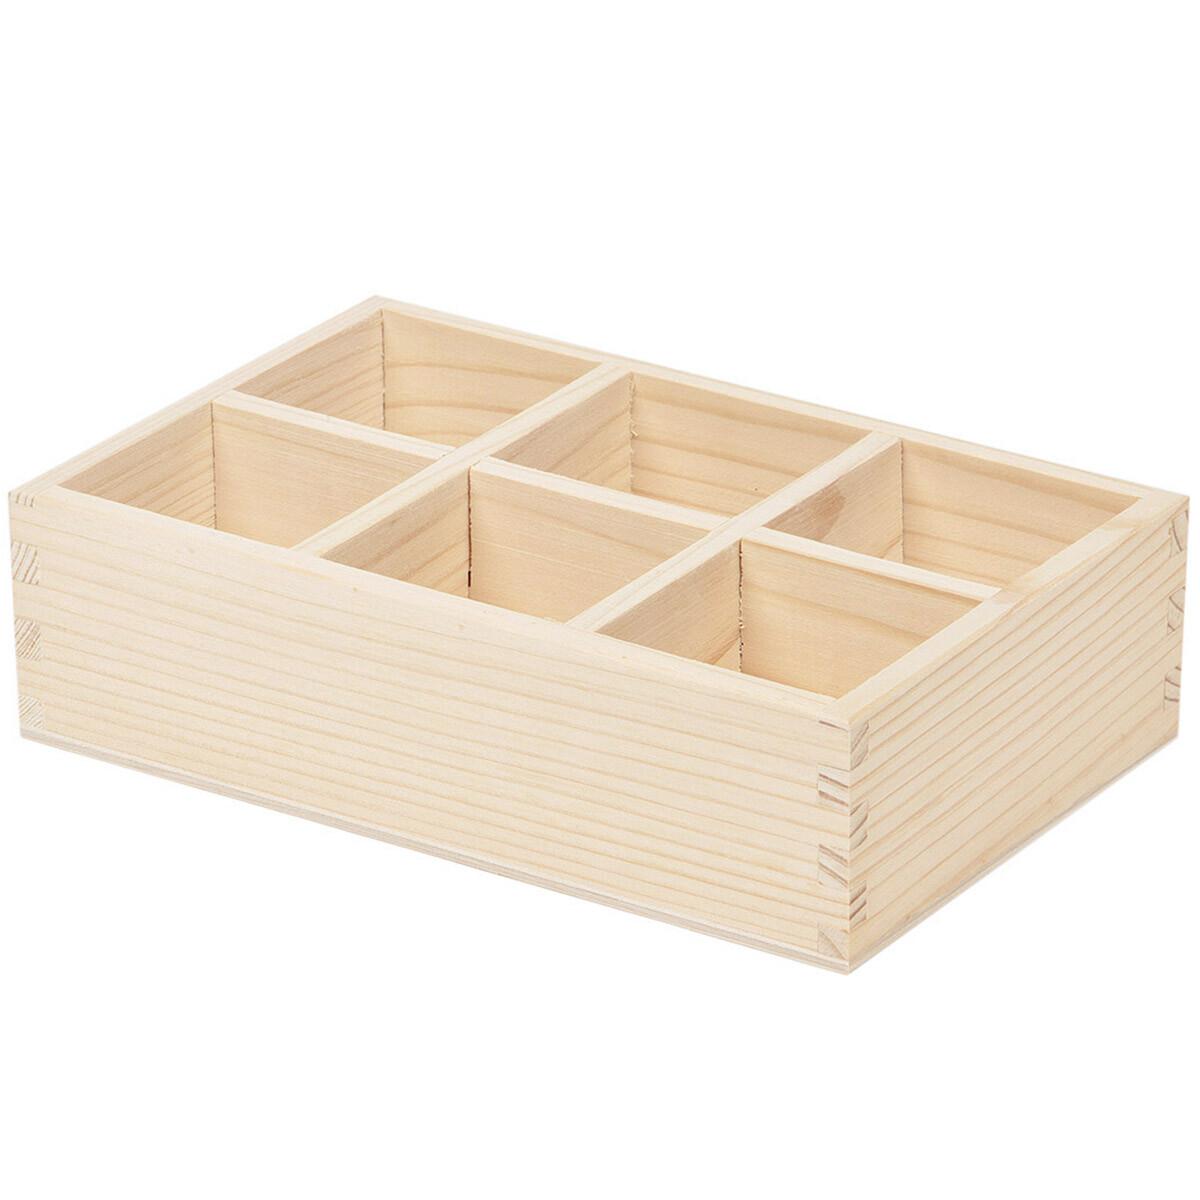 Storage Box Wooden